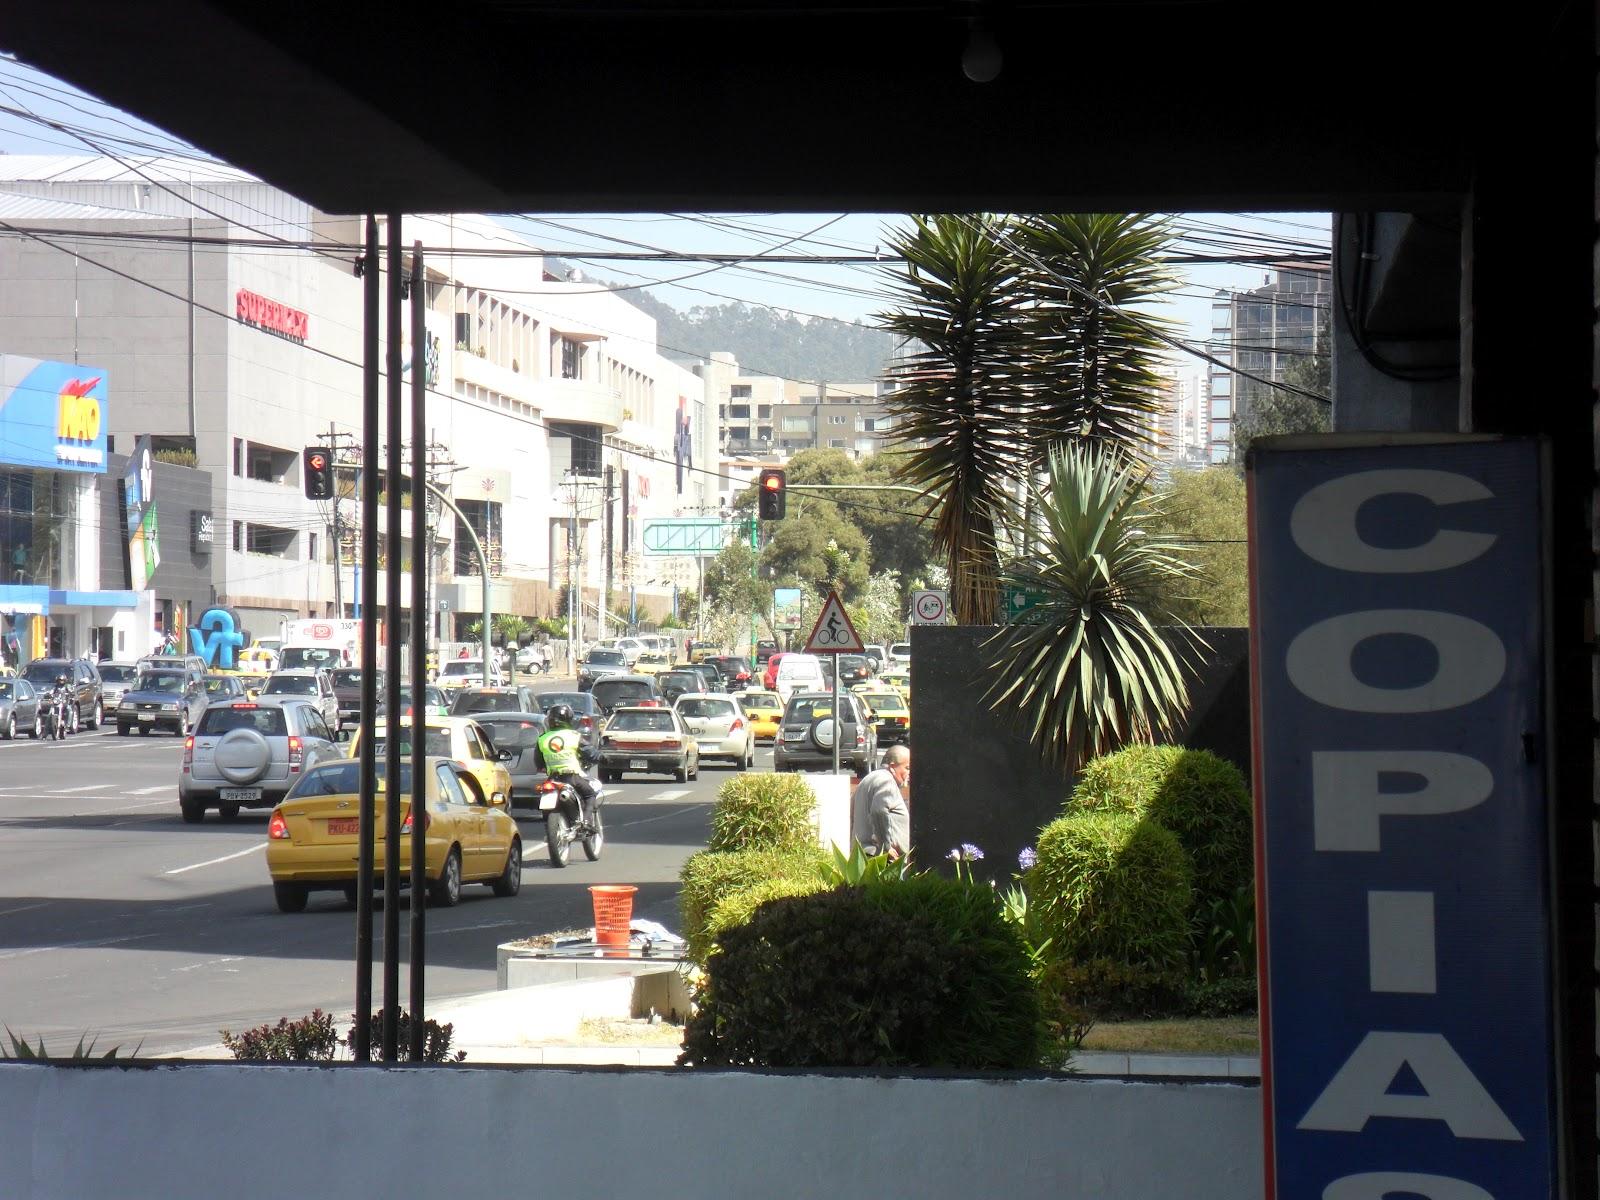 Evinmobiliaria oficina de arriendo en quito for Oficinas banco pichincha